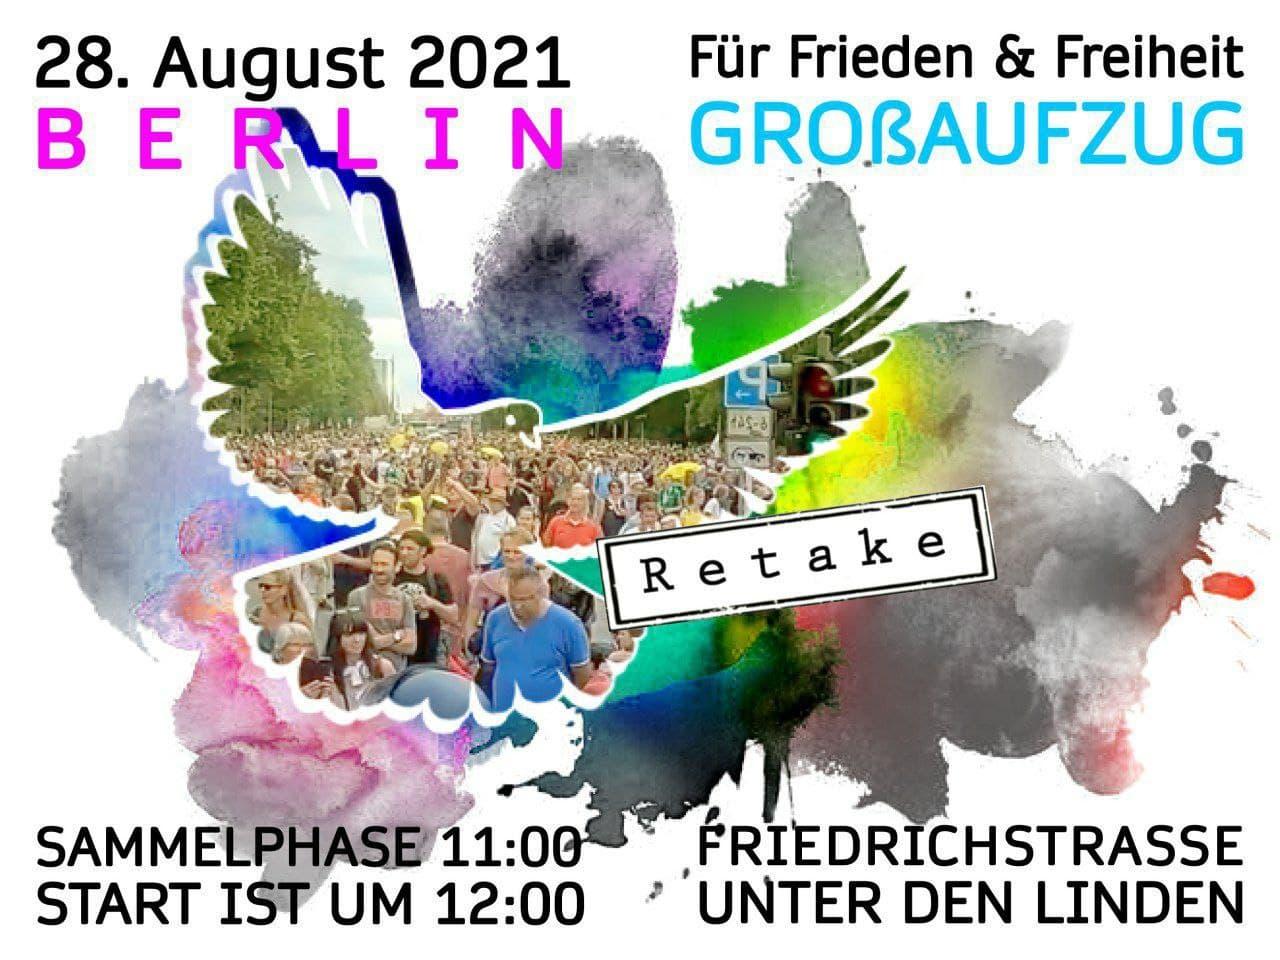 Berlin für Frieden und Freiheit